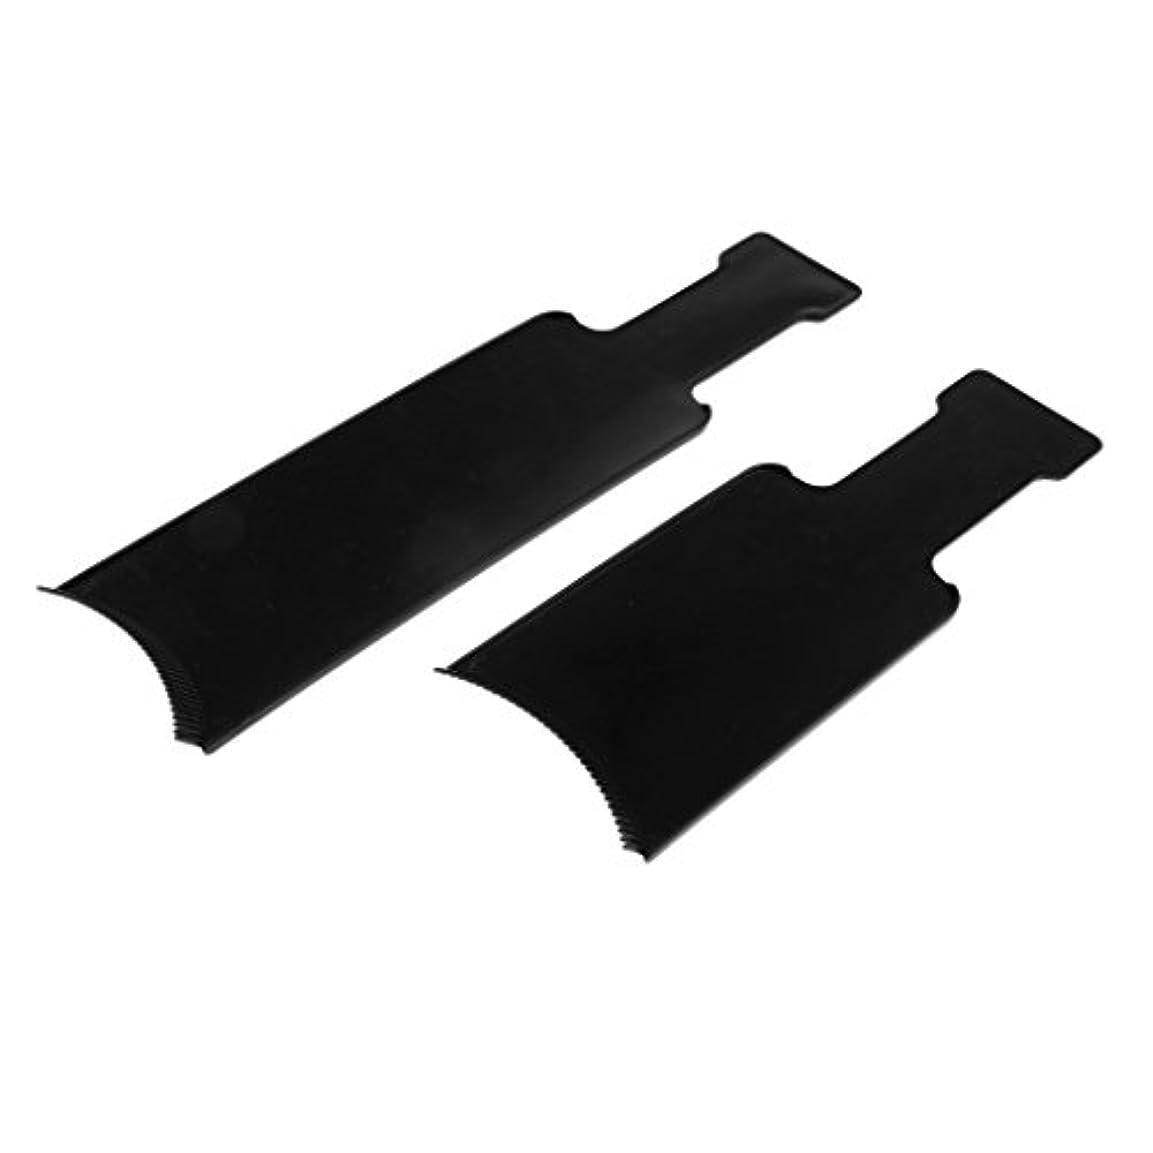 ファントム光立派なDYNWAVE ヘアカラーボード 染色櫛 染色プレート ヘアカラー プラスチック製 美容ツール 黒 2個入